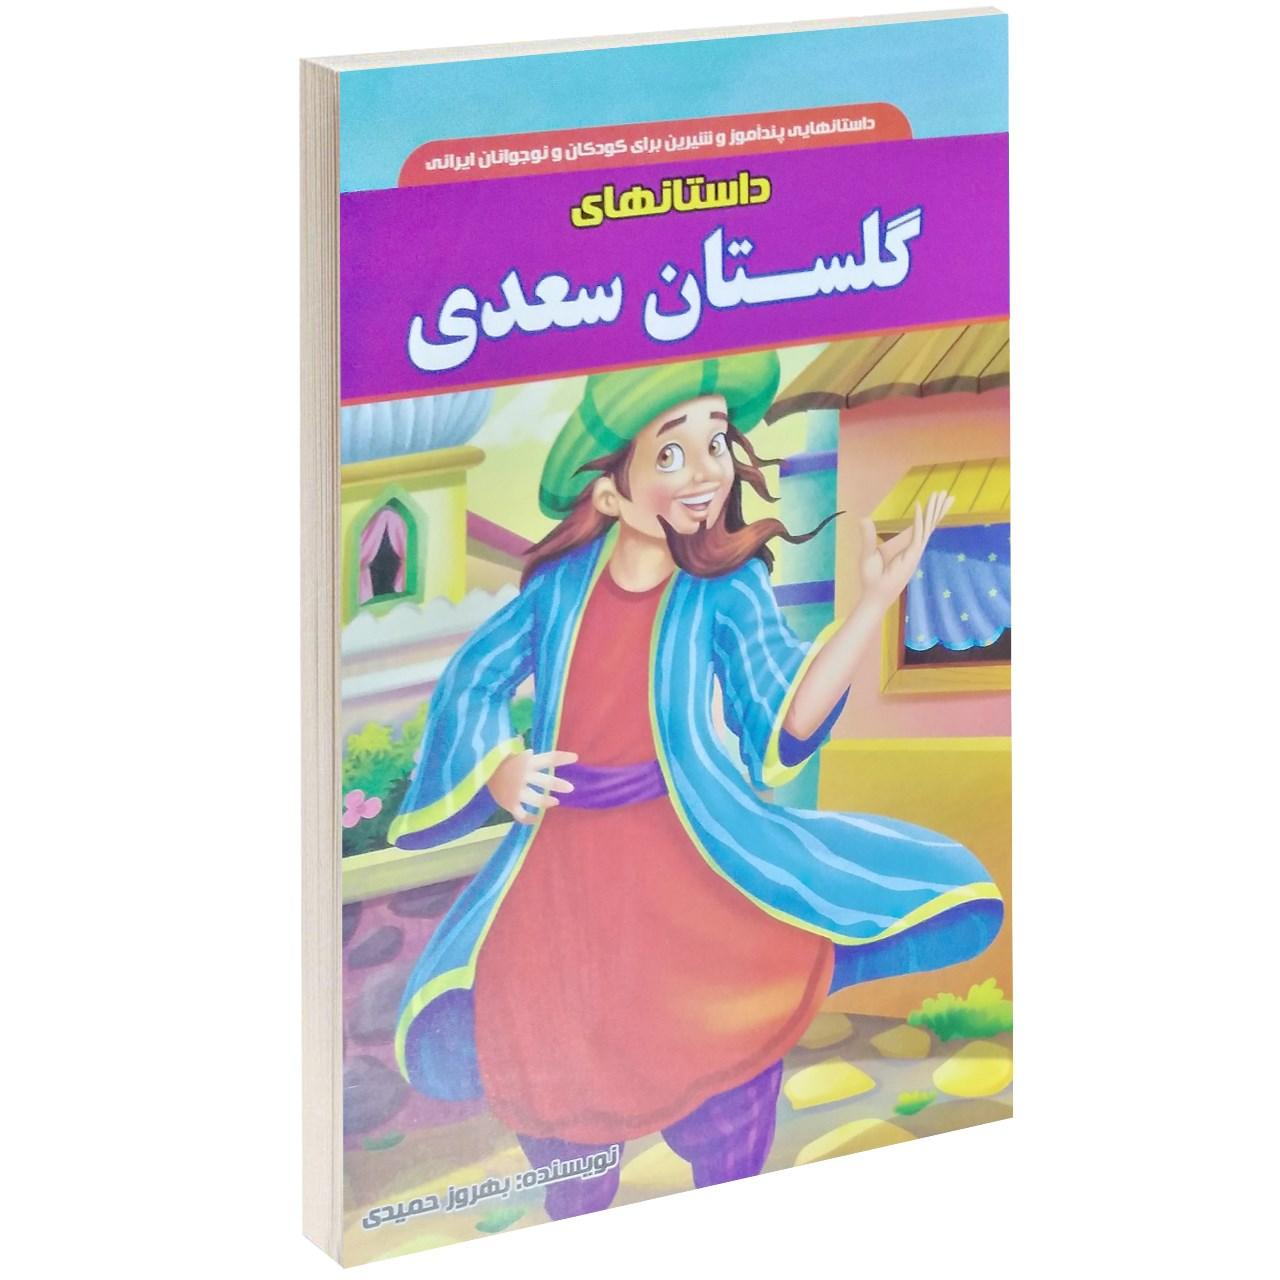 کتاب داستان های گلستان سعدی اثر بهروز حمیدی